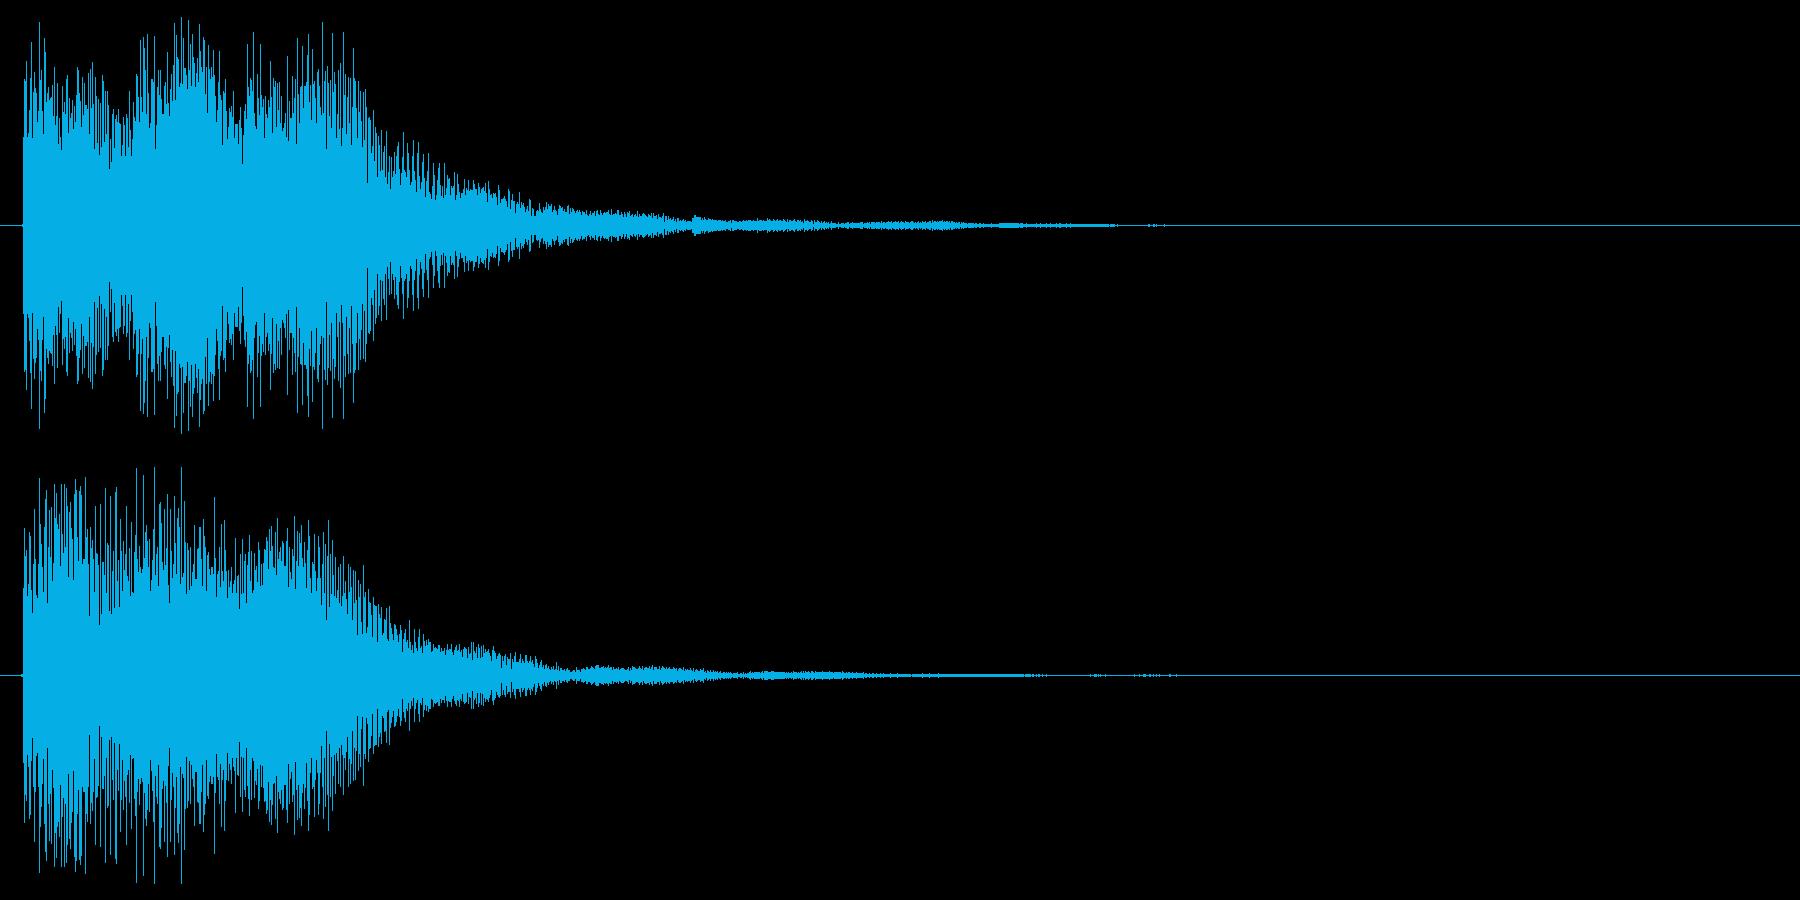 スタート音 決定音 選択音 クリック音の再生済みの波形